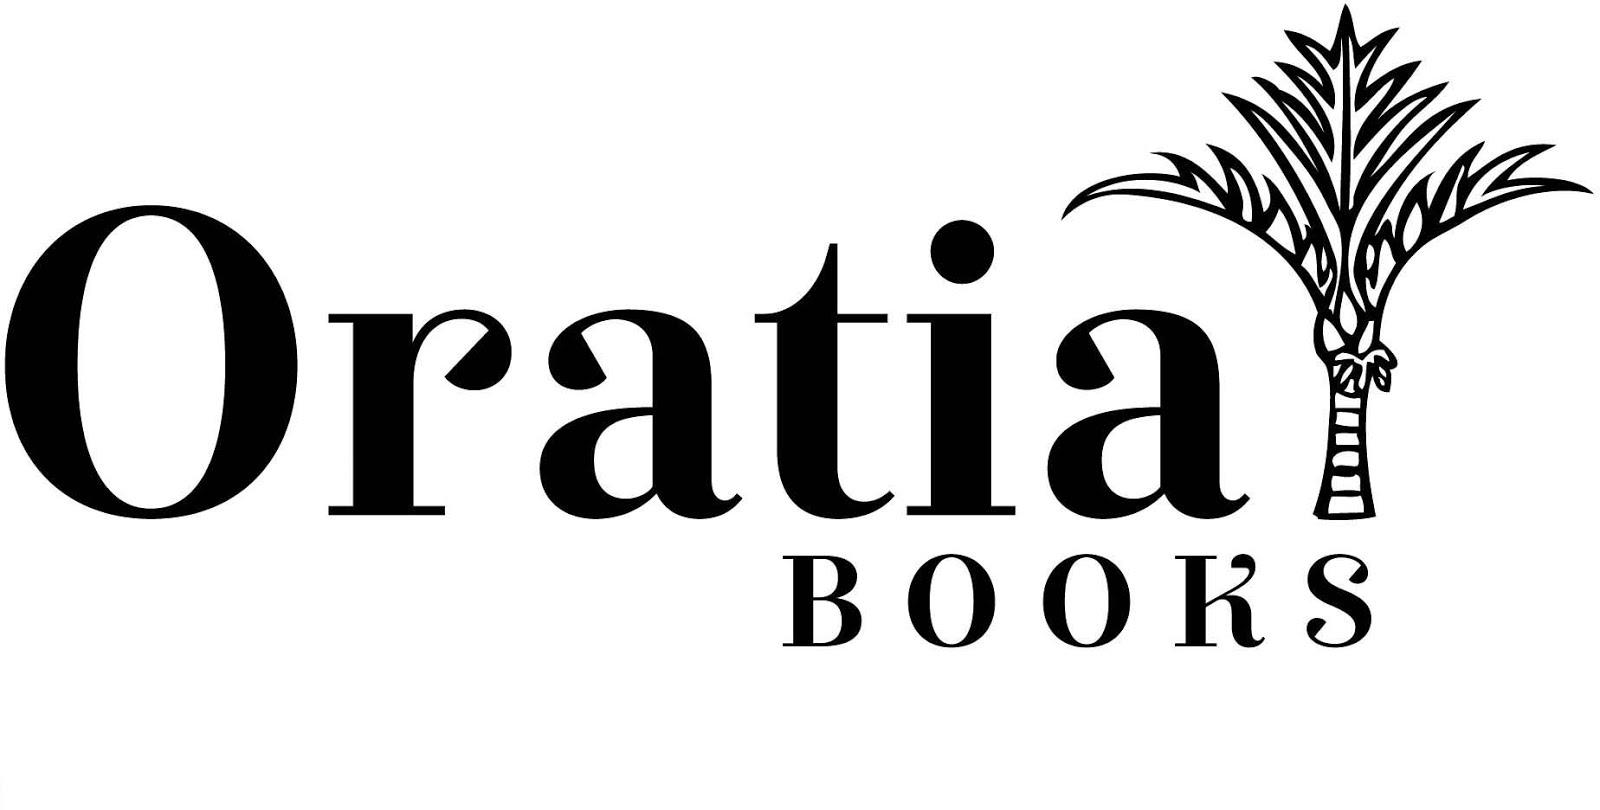 Oratia Books